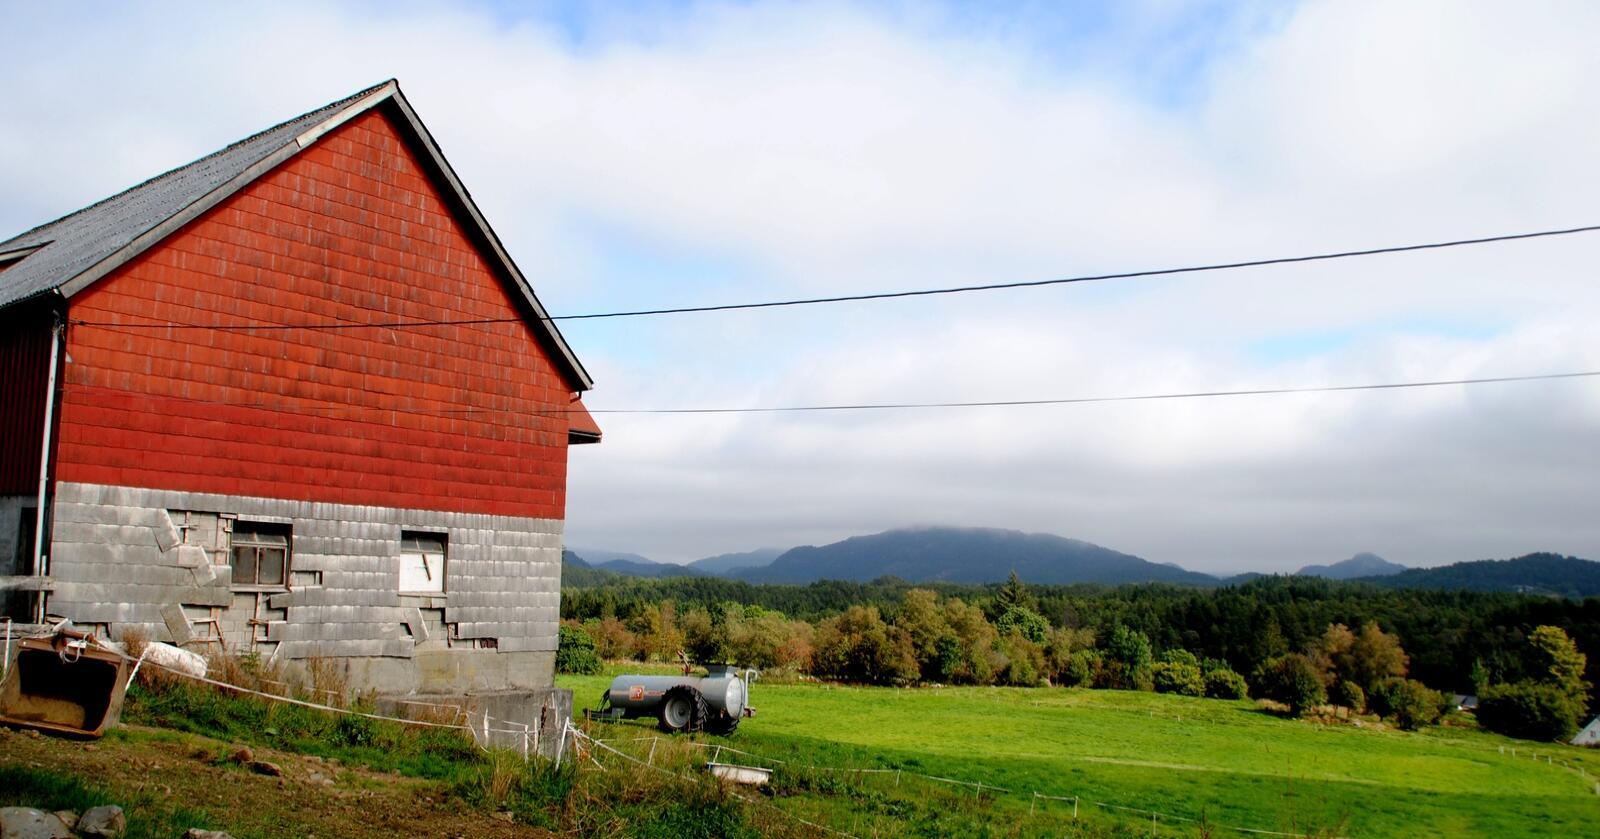 Tine-rådgivere varsler om framtiden til landbruket i Agder og Vestland. Foto: Lars Bilit Hagen